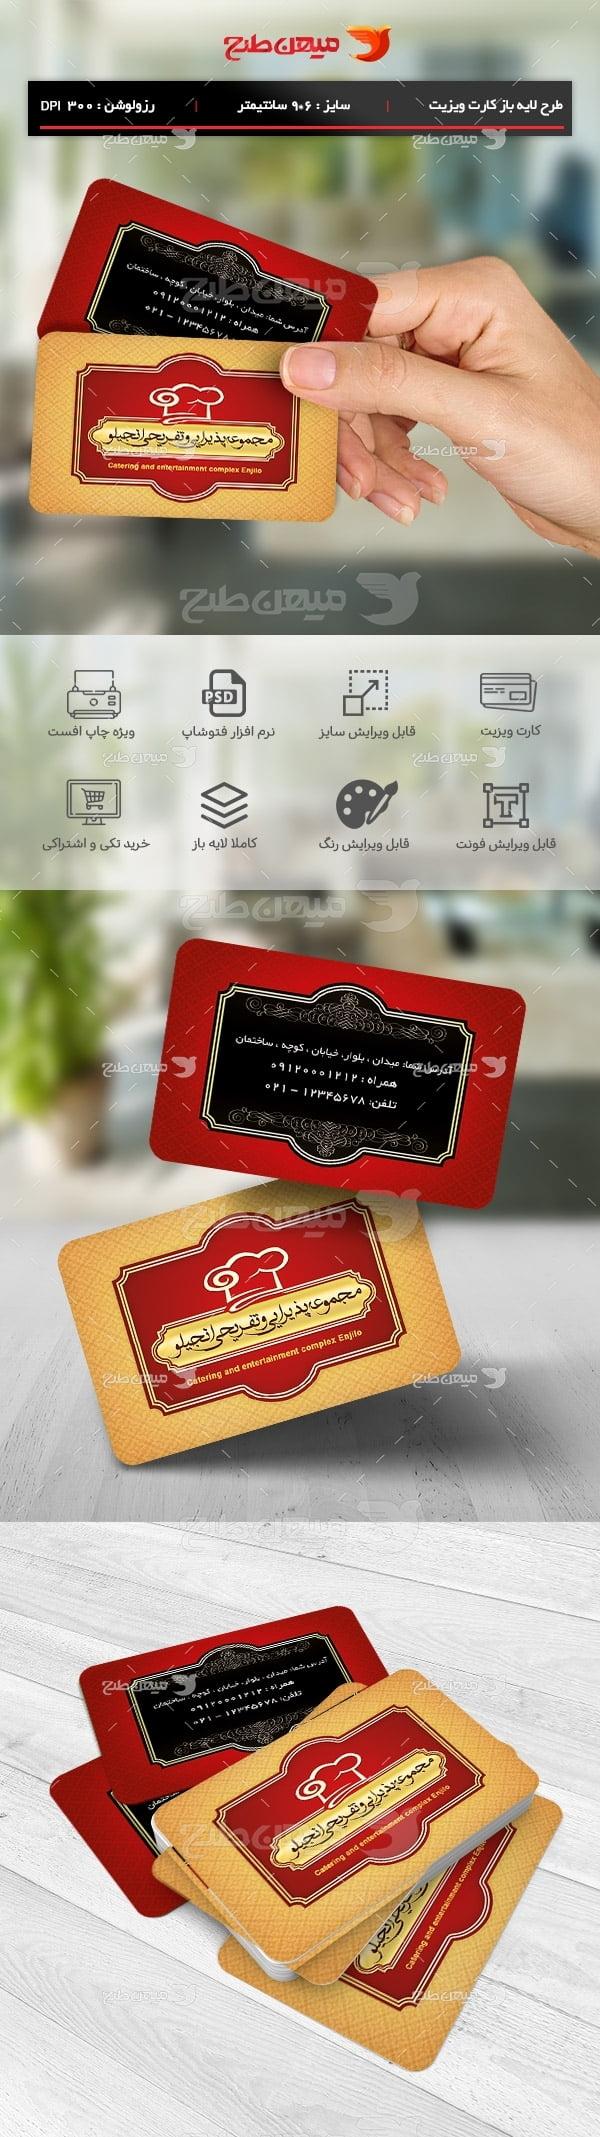 طرح لایه باز کارت ویزیت مجموعه پذیرایی و تفریحی